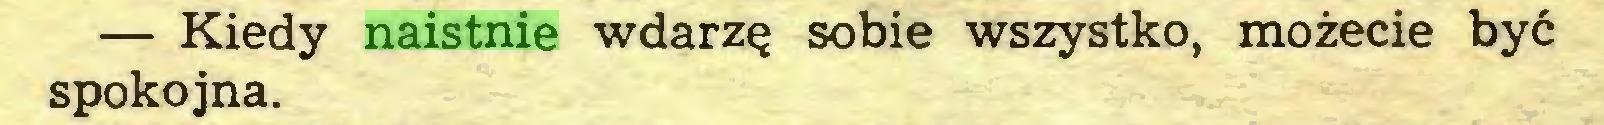 (...) — Kiedy naistnie wdarzę sobie wszystko, możecie być spokojna...